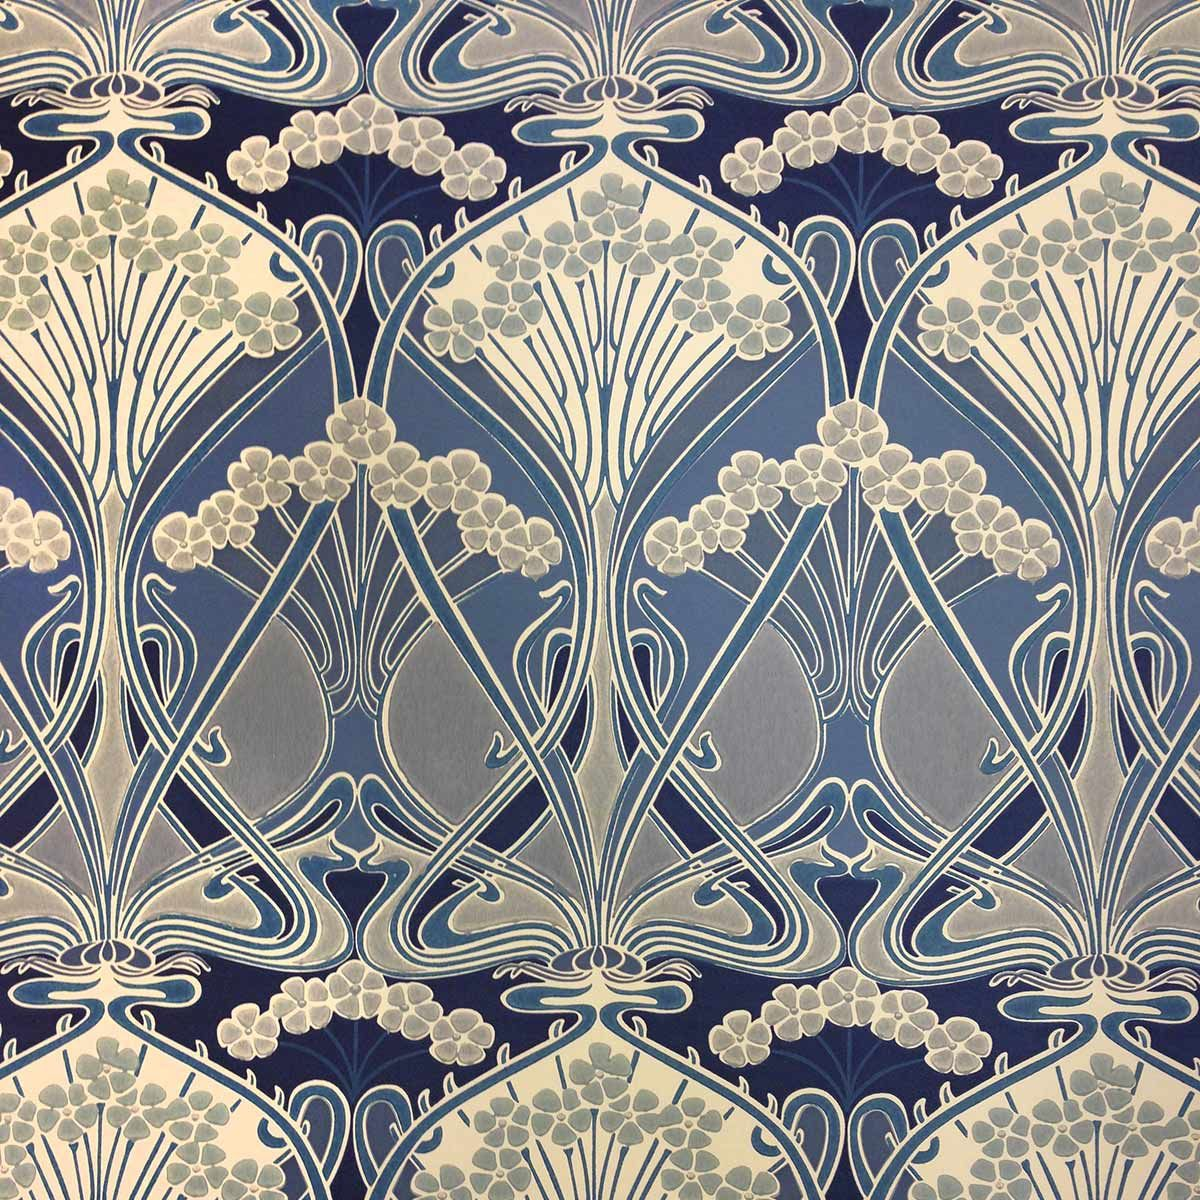 impression fleur bleue ciment 1900 papier peint art. Black Bedroom Furniture Sets. Home Design Ideas